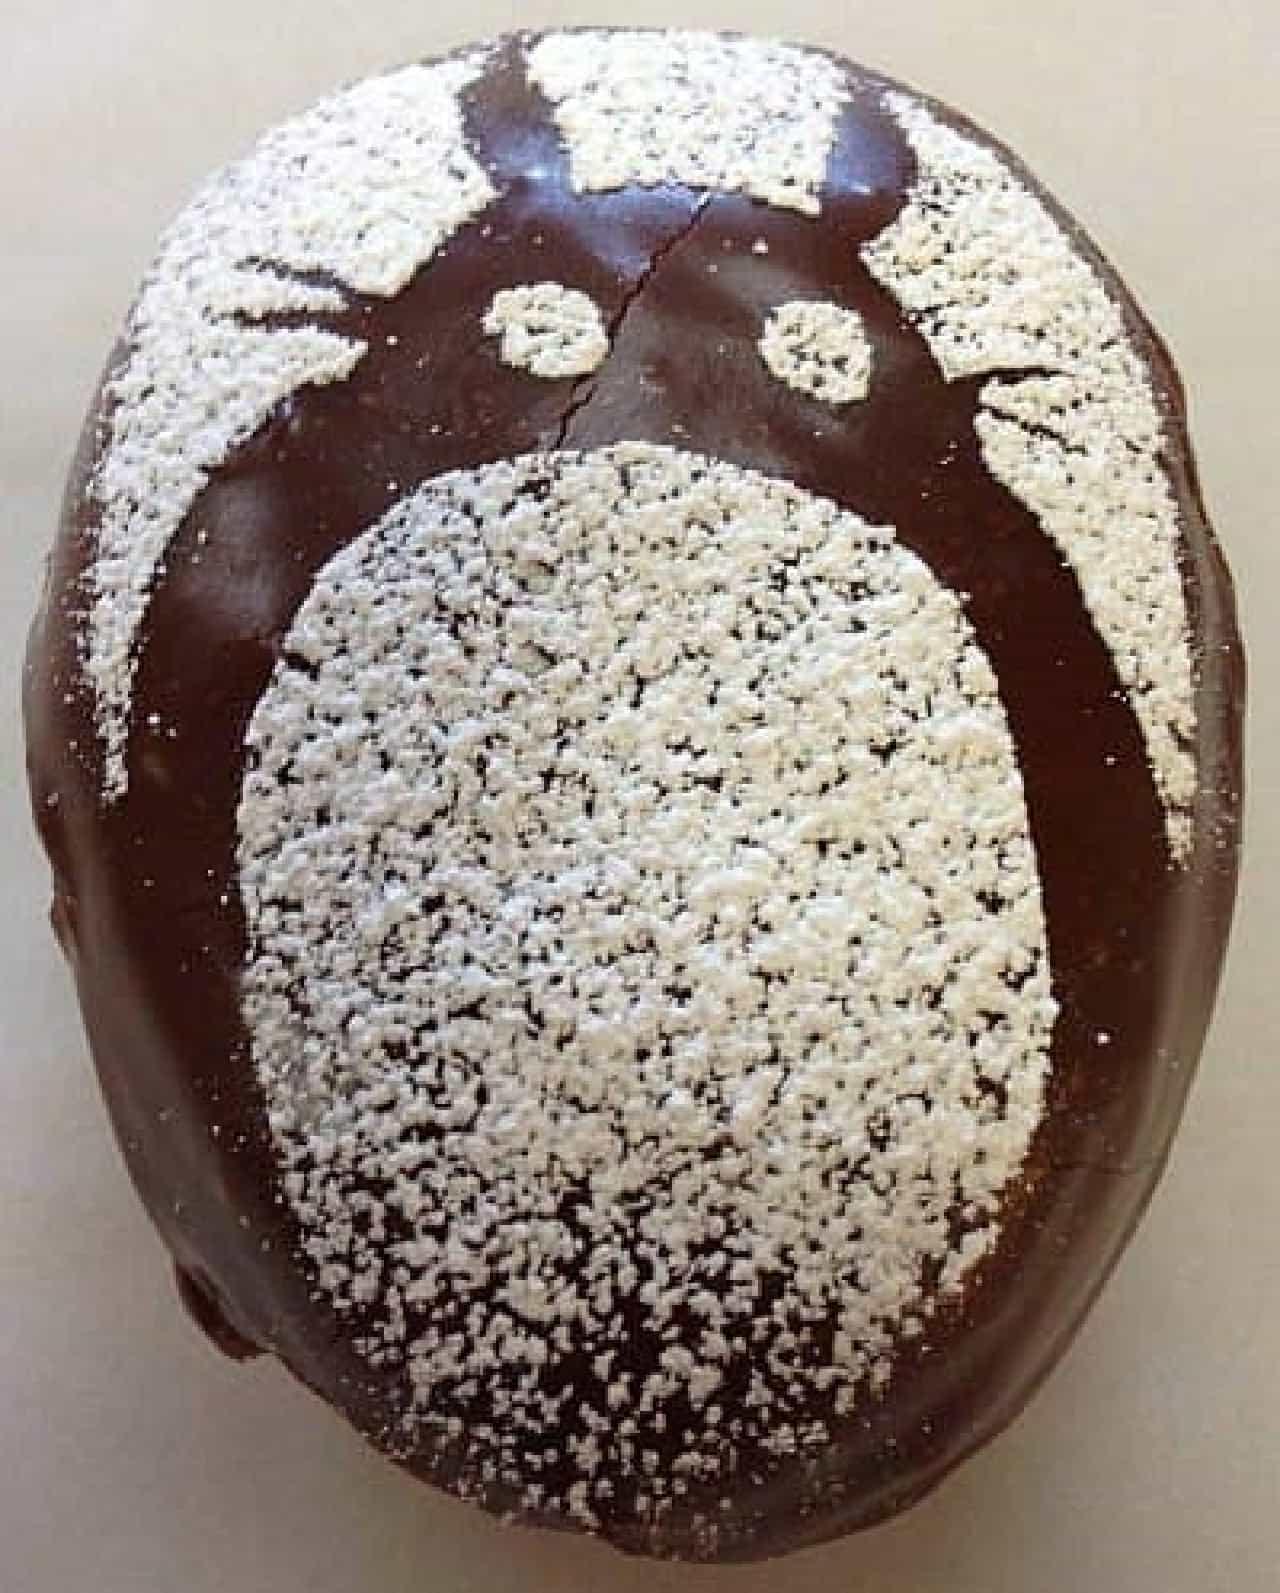 トトロがデザインされたドーナツ「Totoro(トトロ)」  著作権が心配…